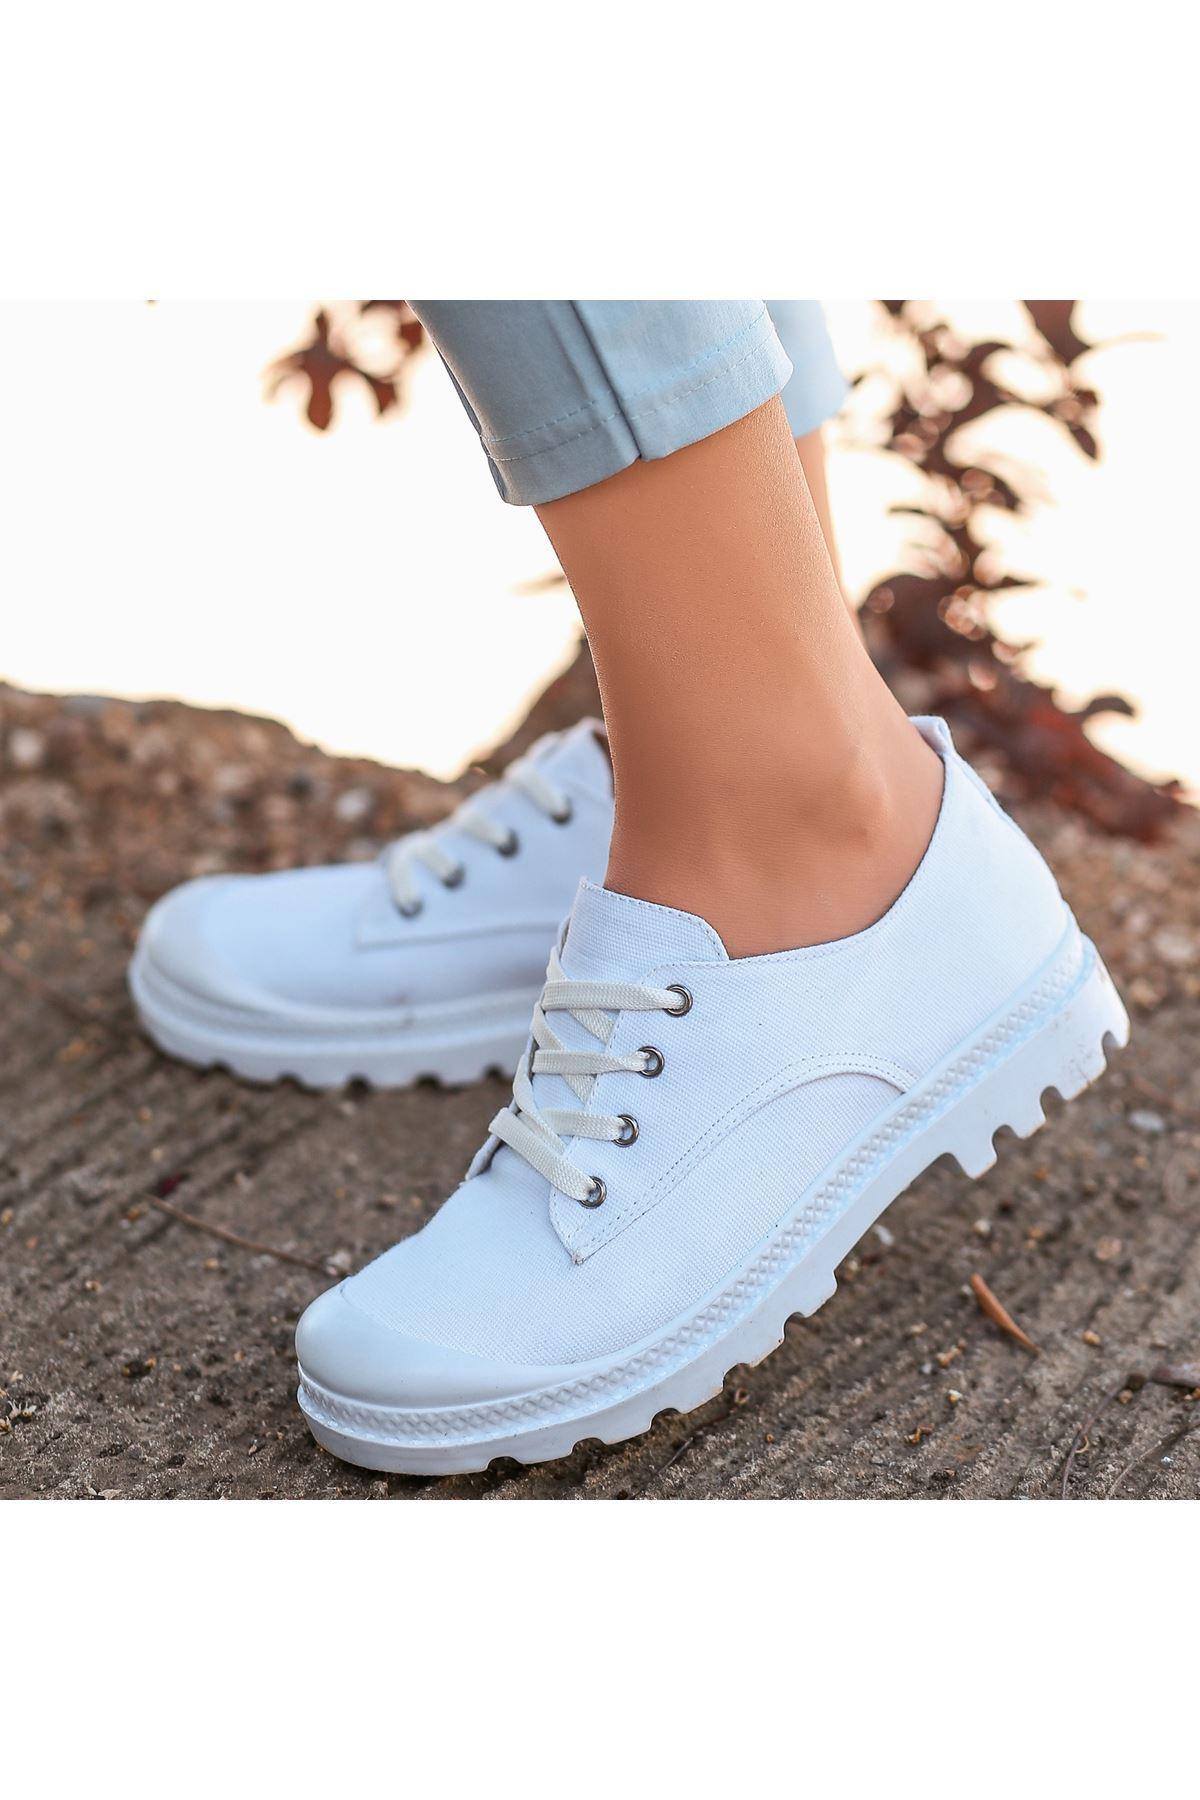 Mash Beyaz Keten Bağcıklı Spor Ayakkabı